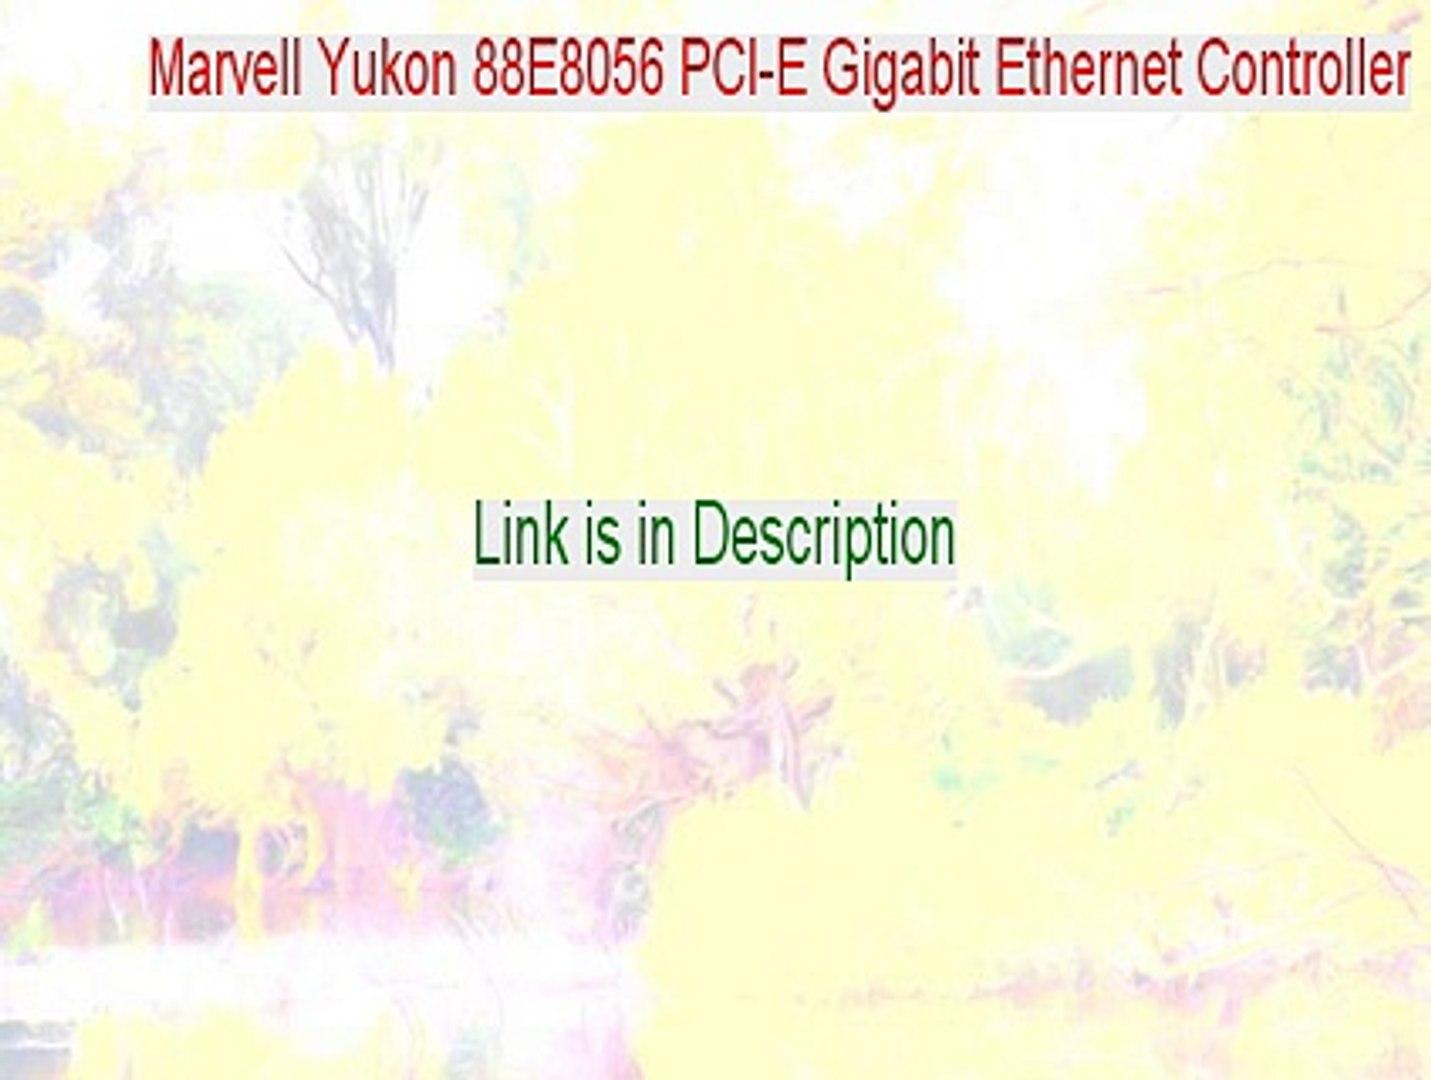 MARVELL 88E8055 GIGABIT LAN WINDOWS DRIVER